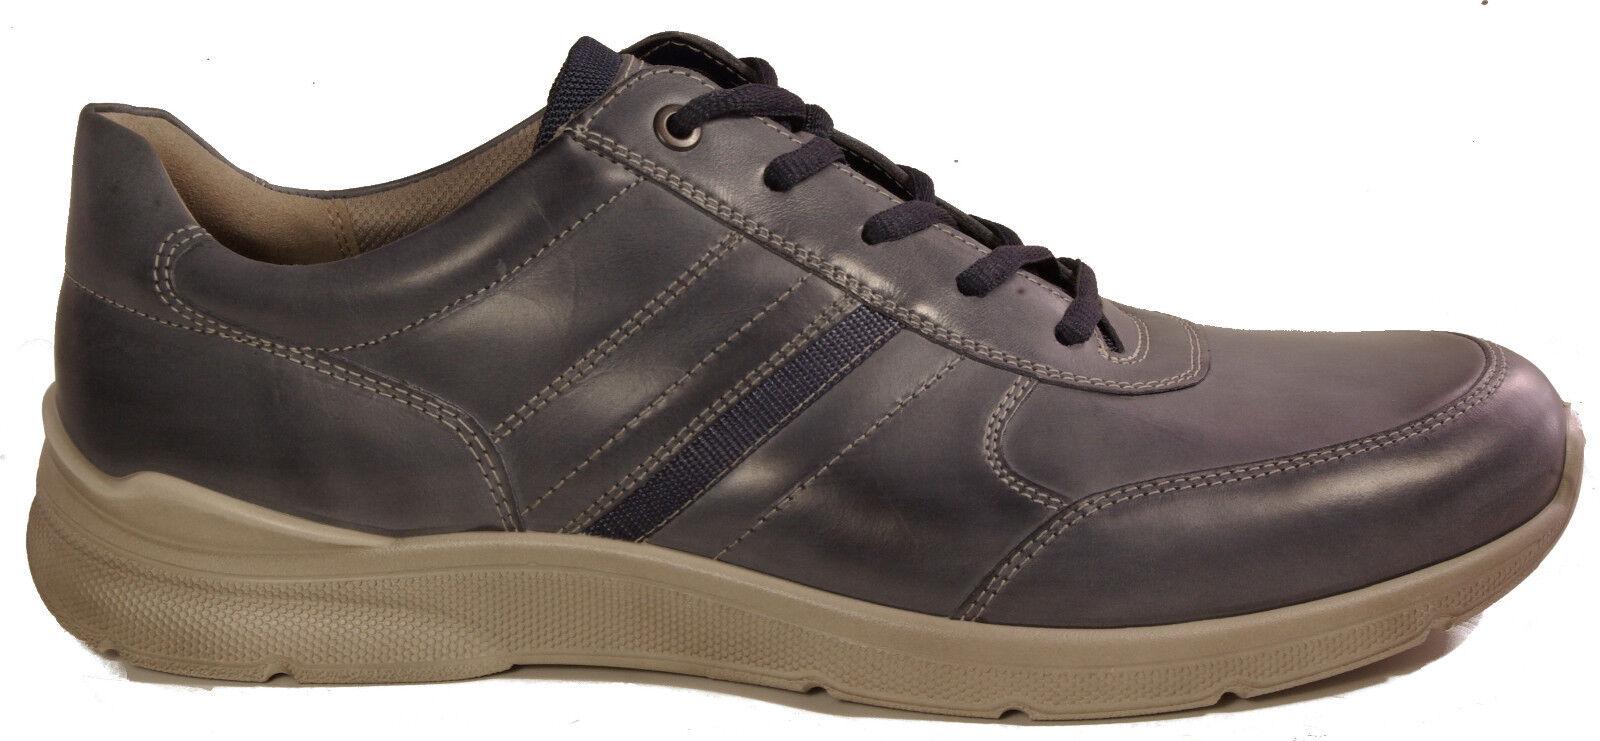 ECCO Schuhe Mod. IRVING Schnürschuhe Halbschuh BLAU Leder Wechselfußbett NEU